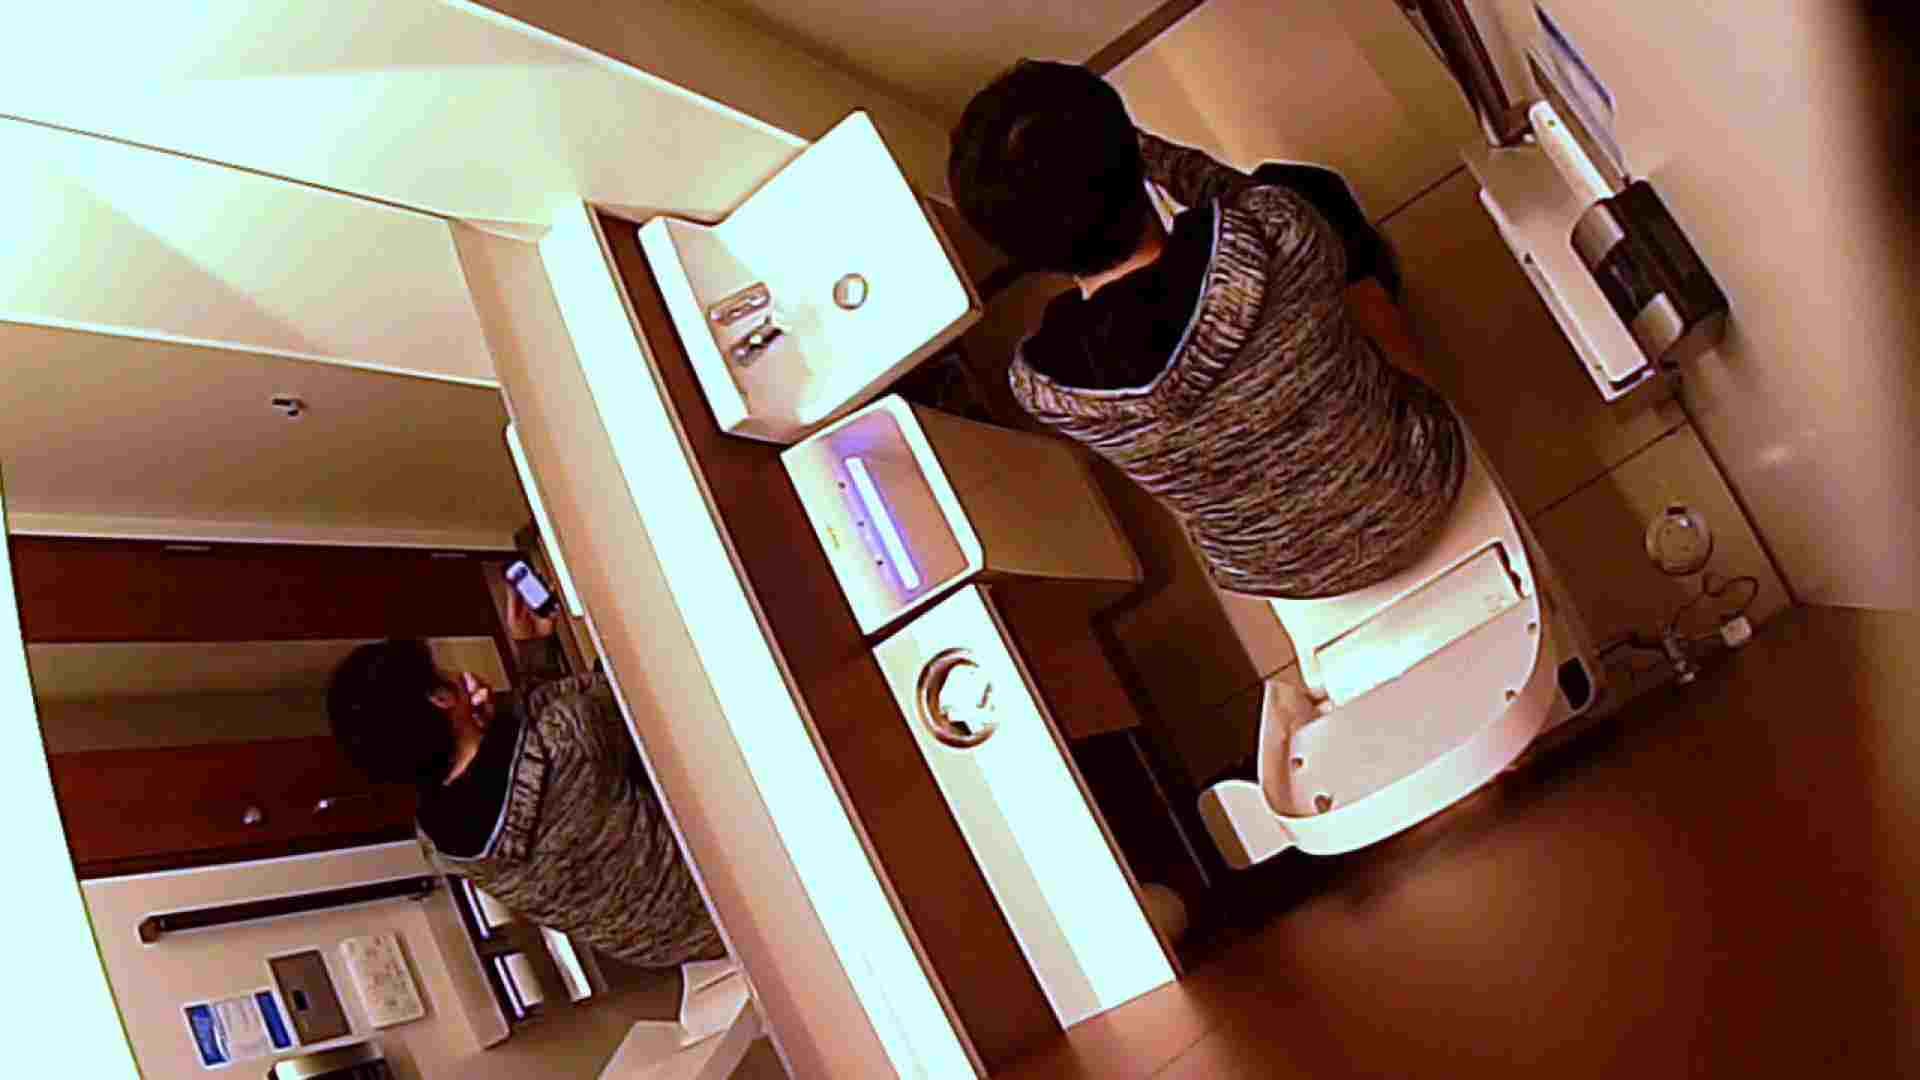 イケメンの素顔in洗面所 Vol.03 丸見え動画 | ボーイズうんこ  107pic 26